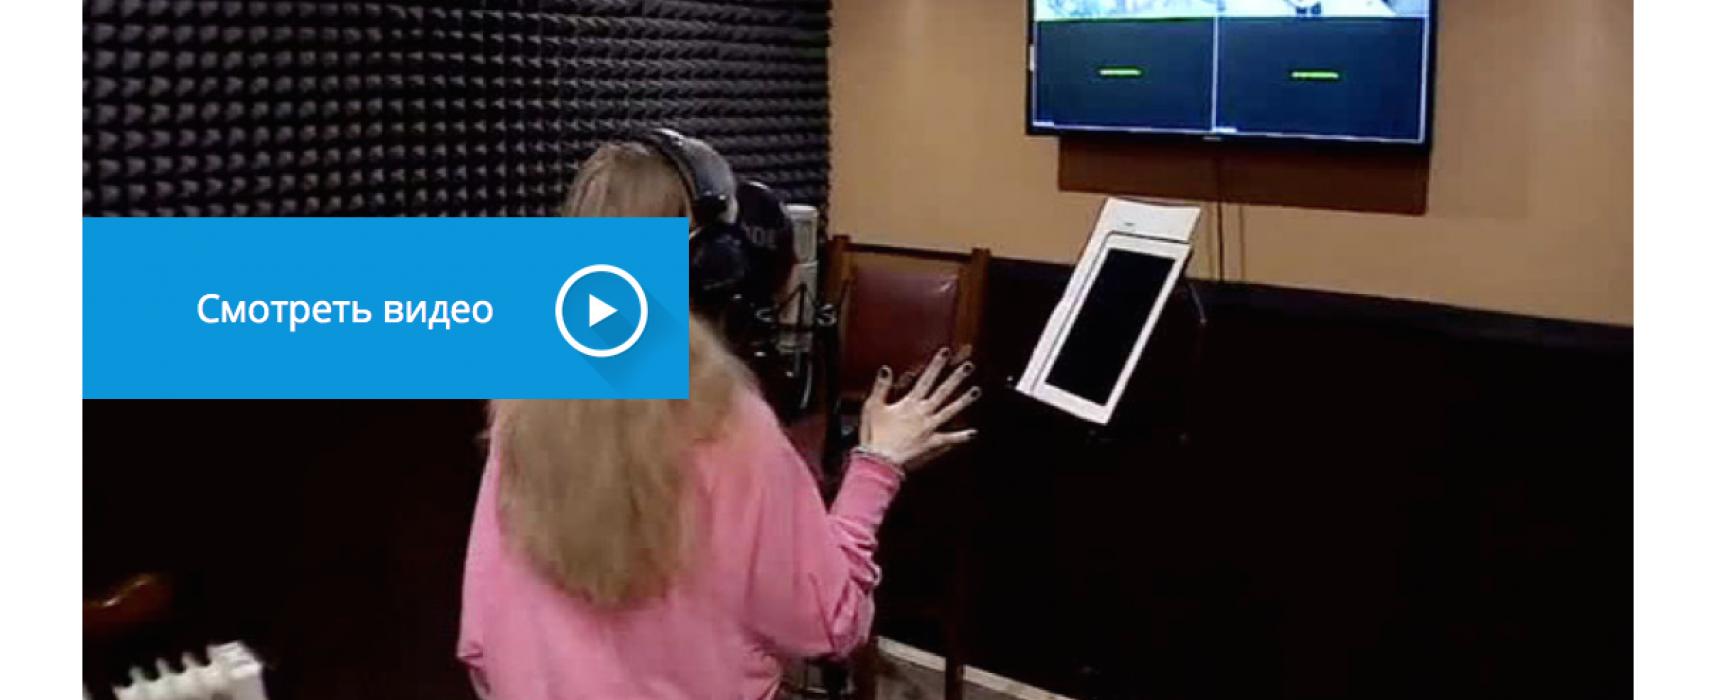 ФЕЙК: Рада предлагает  установить  квоту 75% радиоэфира для украиноязычной музыки